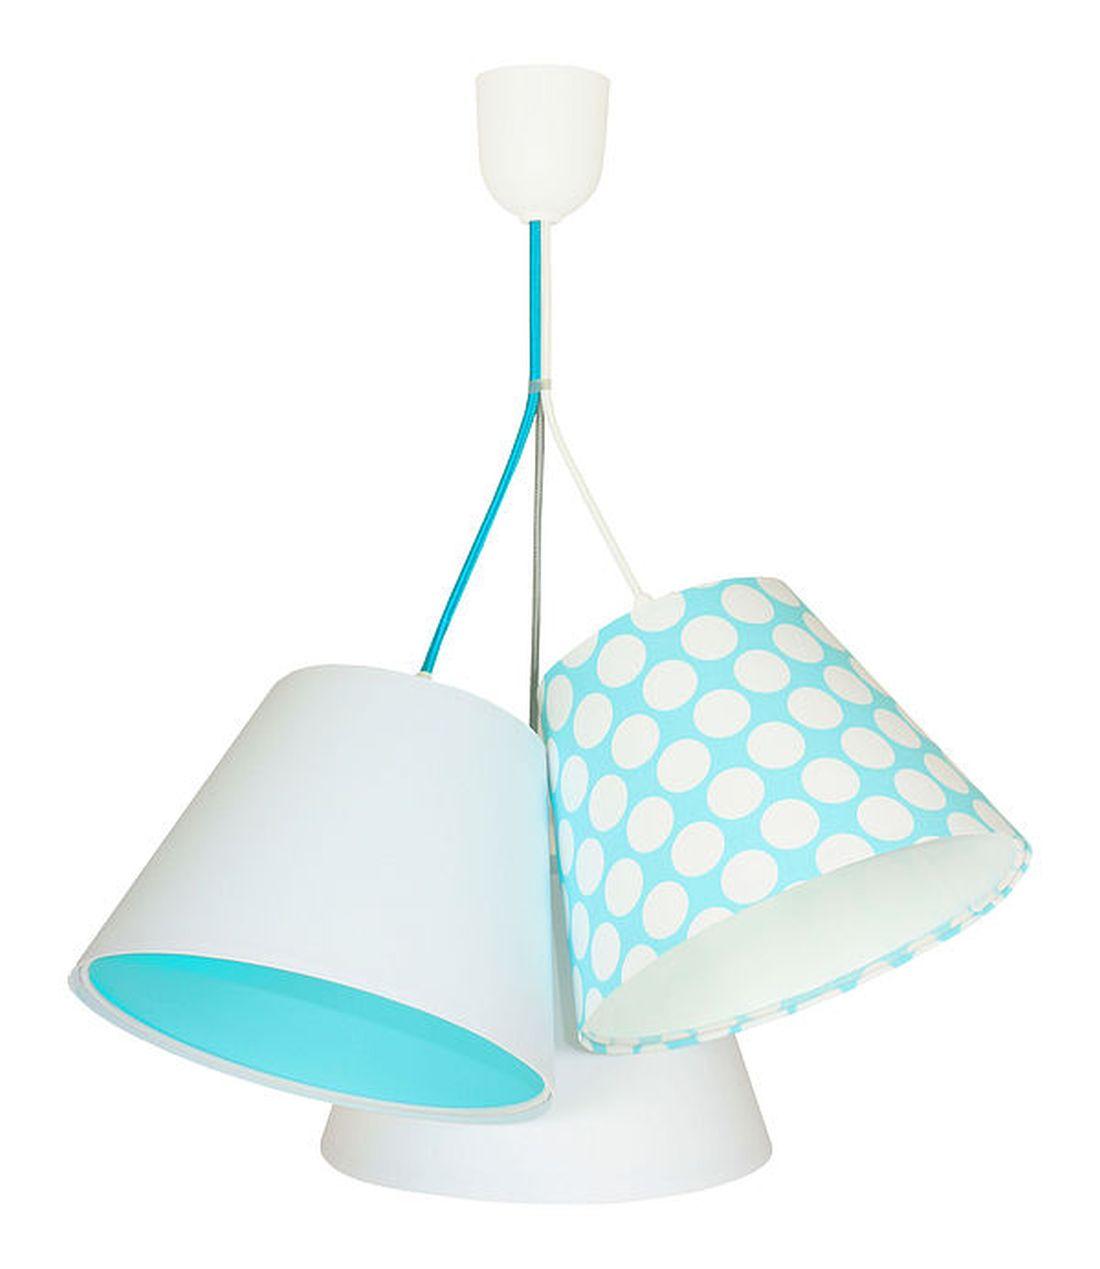 Pendelleuchte Kinderlampe Weiß Blau Stoff